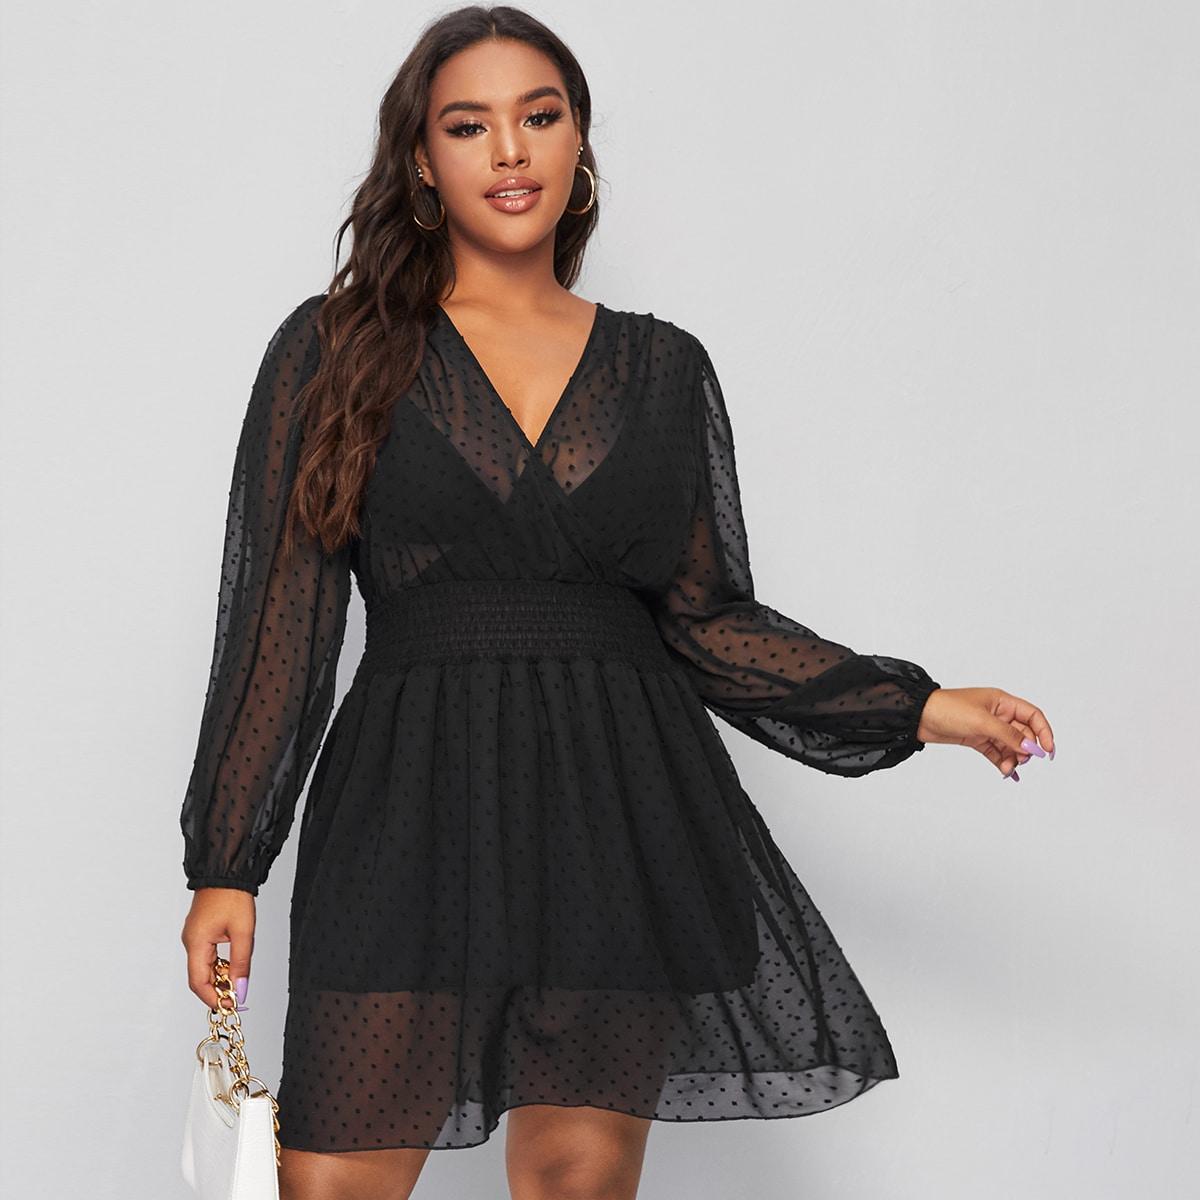 Прозрачное платье размера плюс с v-образным воротником